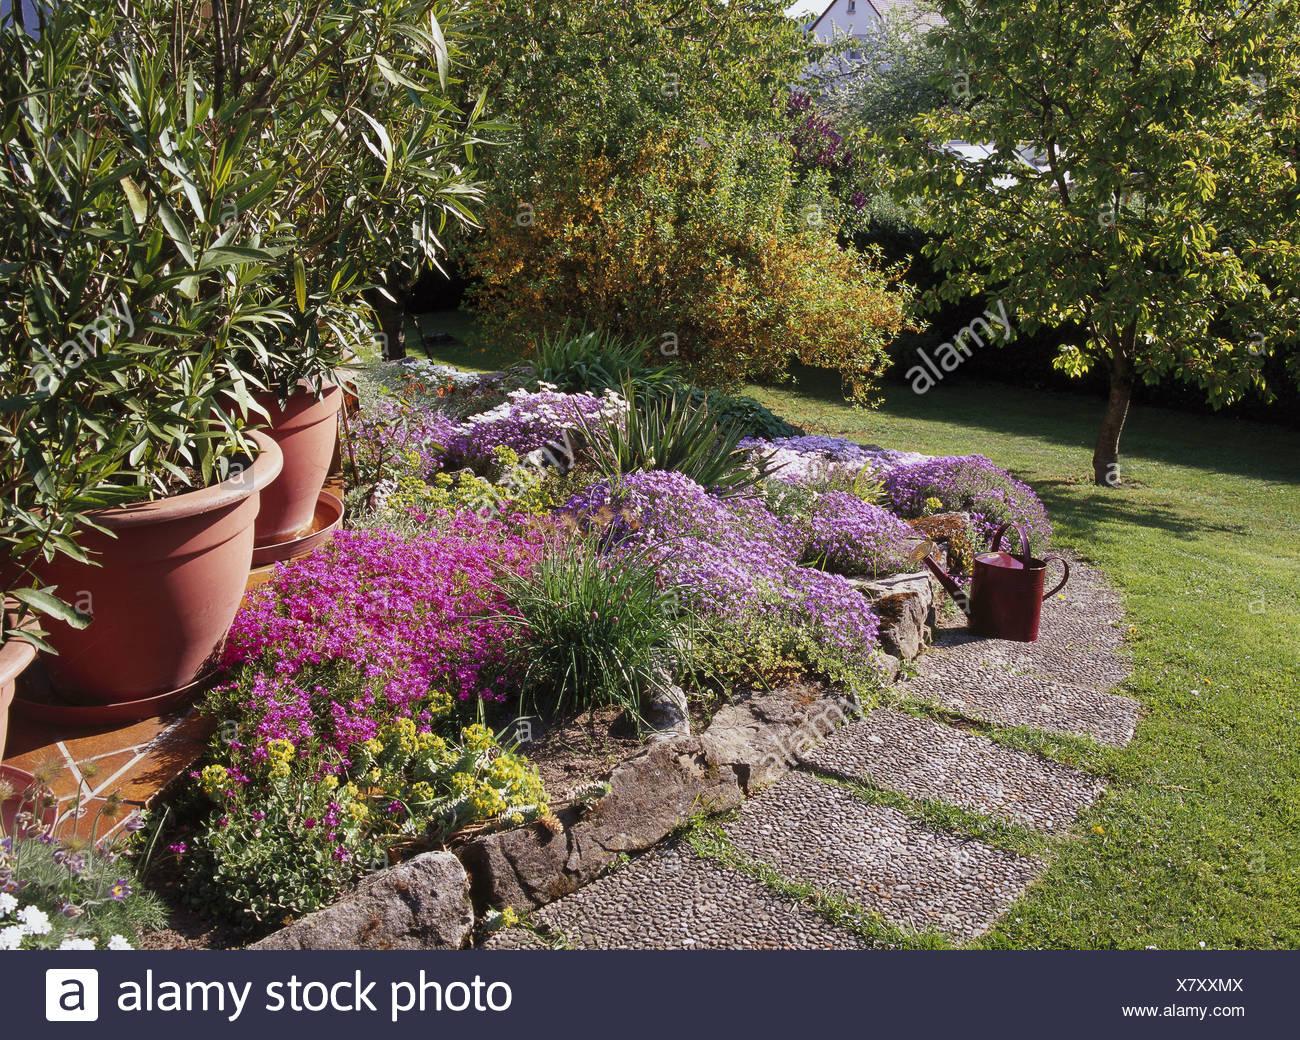 Plantes De Terrasse Arbustes fleur fleurs jardin lit rocaille façon étés prairie arbres